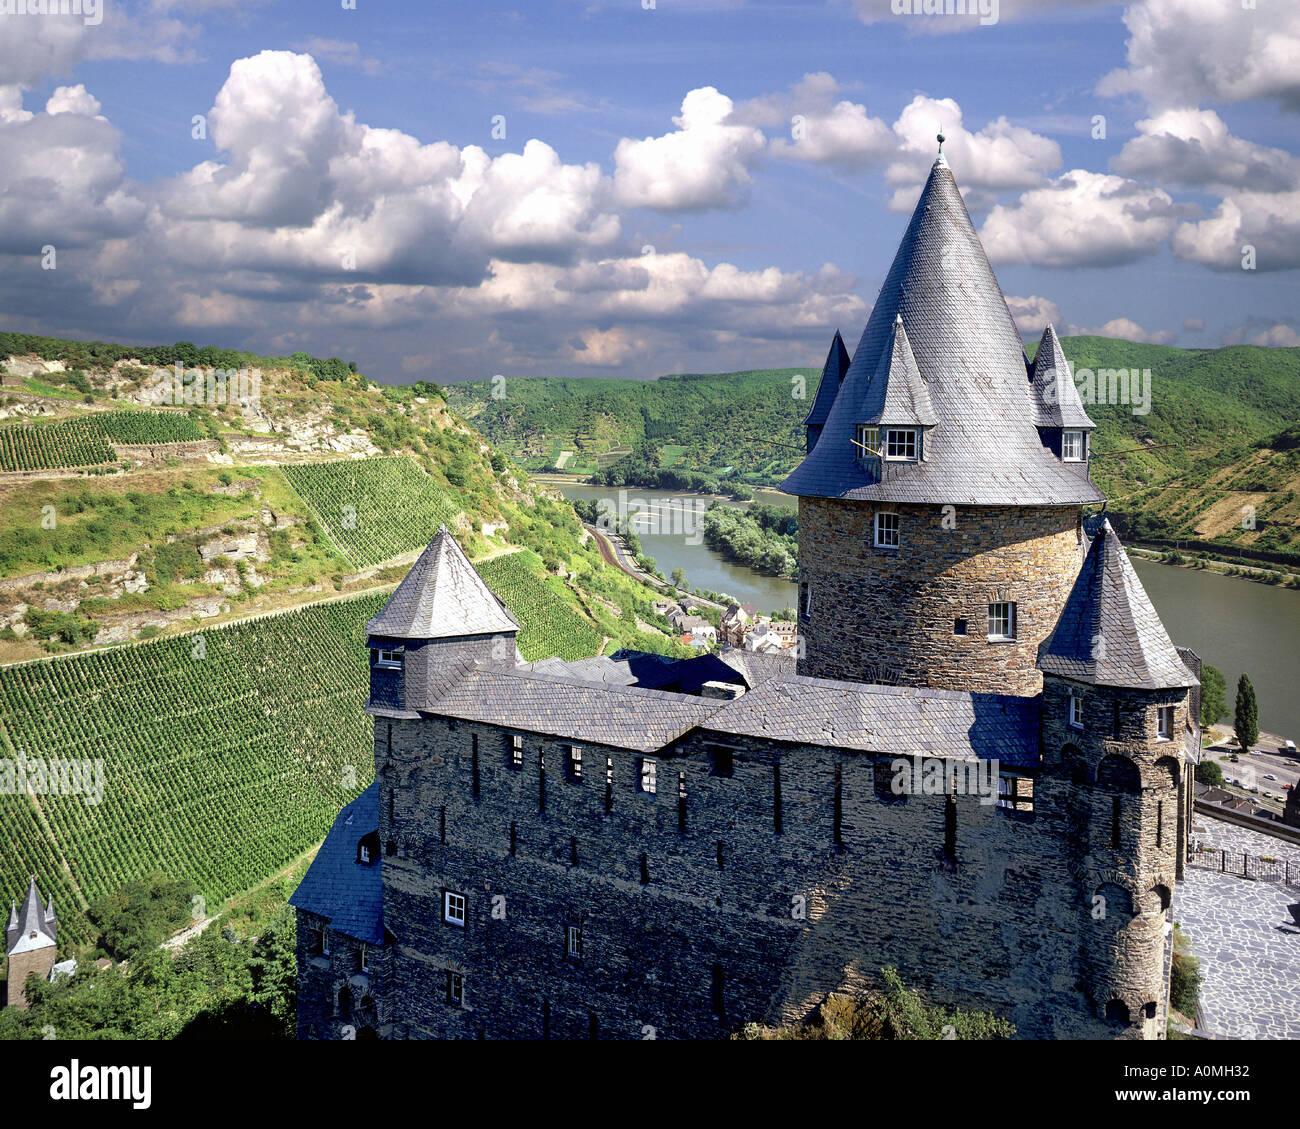 DE - RHINELAND PALATINATE: Stahleck Castle above River Rhine - Stock Image